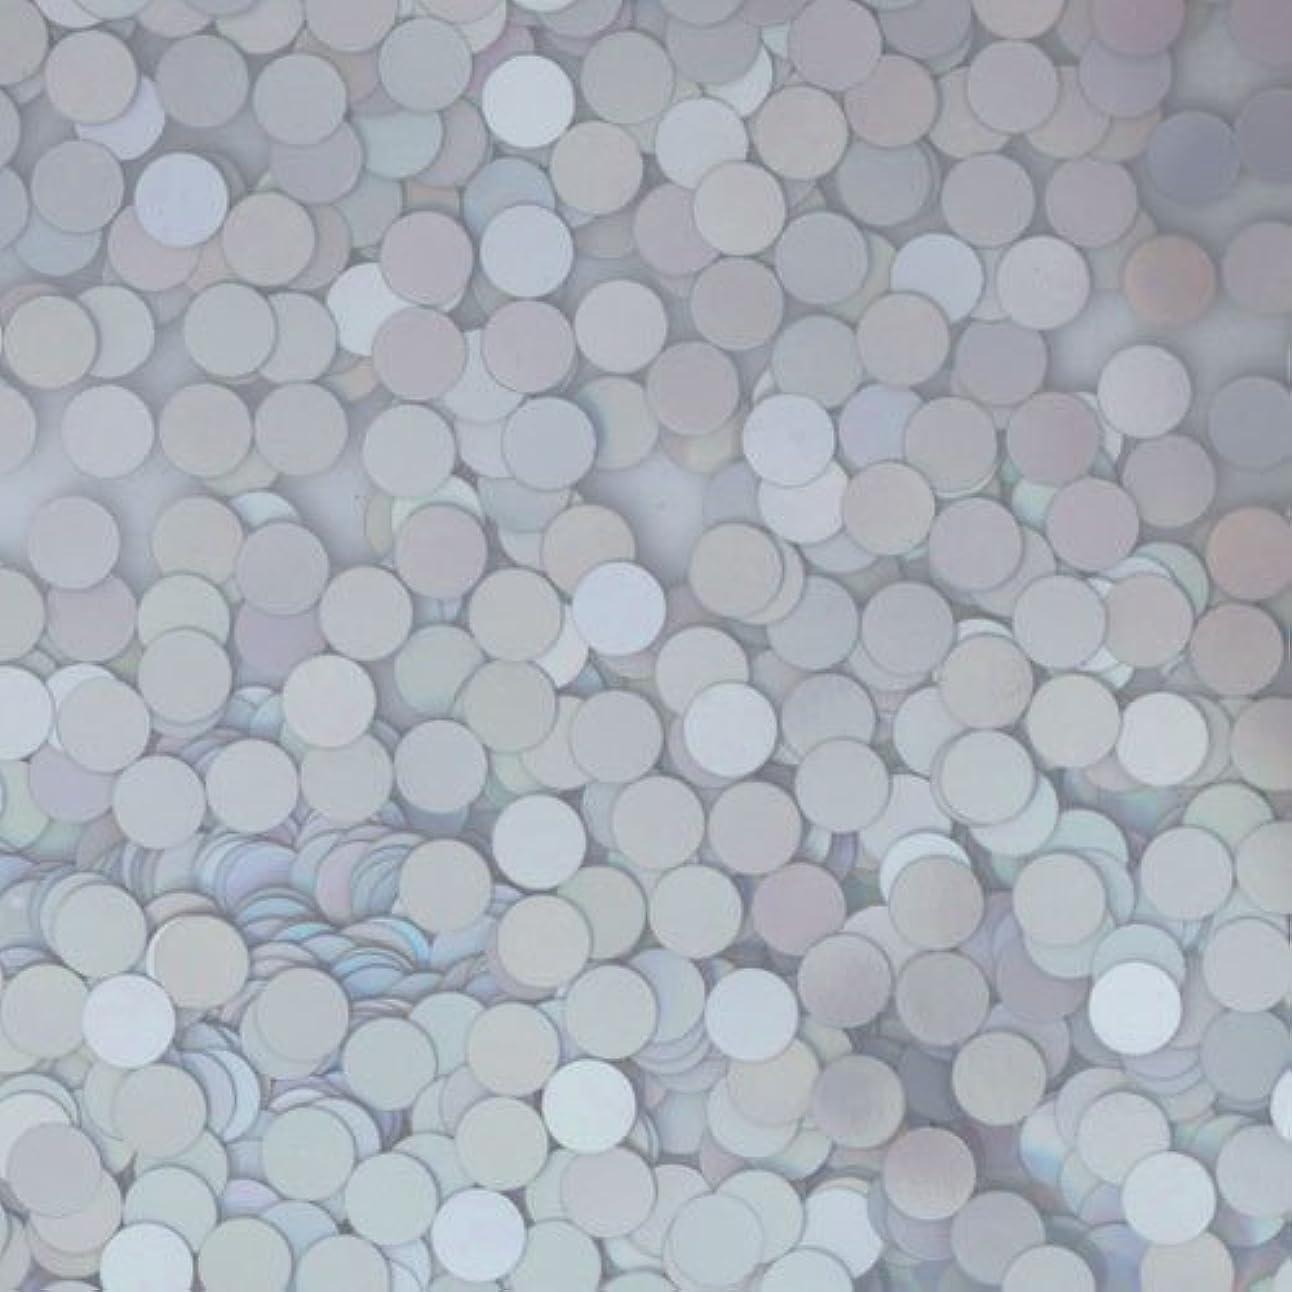 鹿卒業記念アルバム愚かピカエース ネイル用パウダー ピカエース 丸ホロ 2mm #878 マットシルバー 0.5g アート材